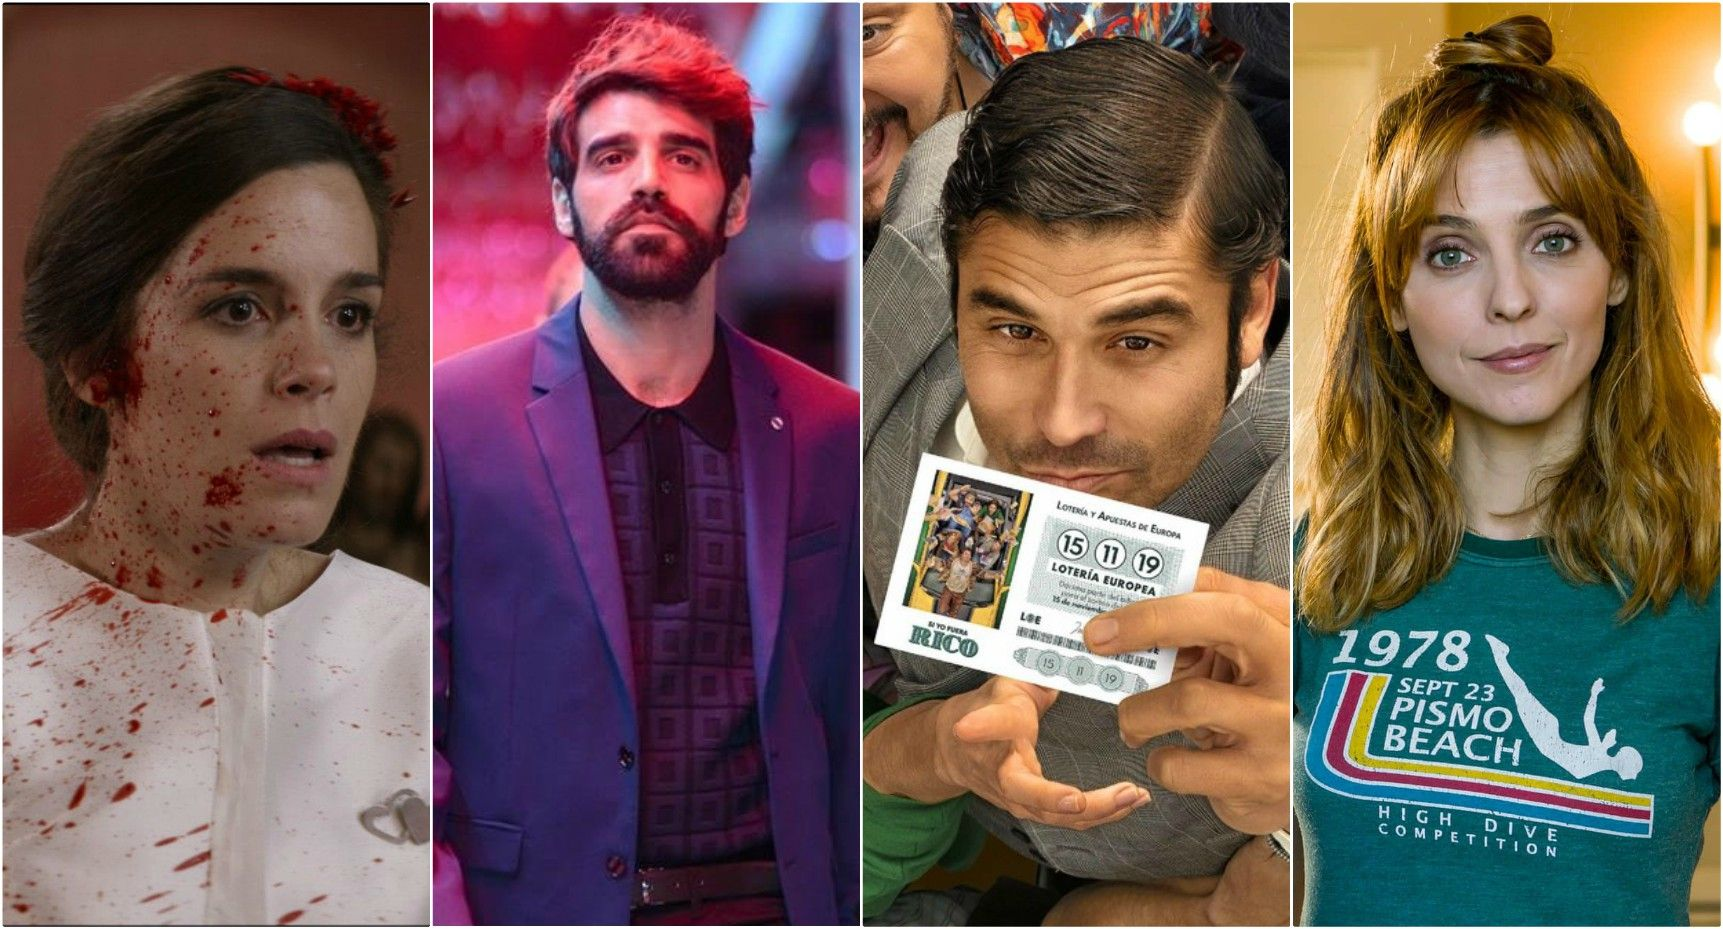 Las mejores comedias españolas de 2019 - Si yo fuera rico